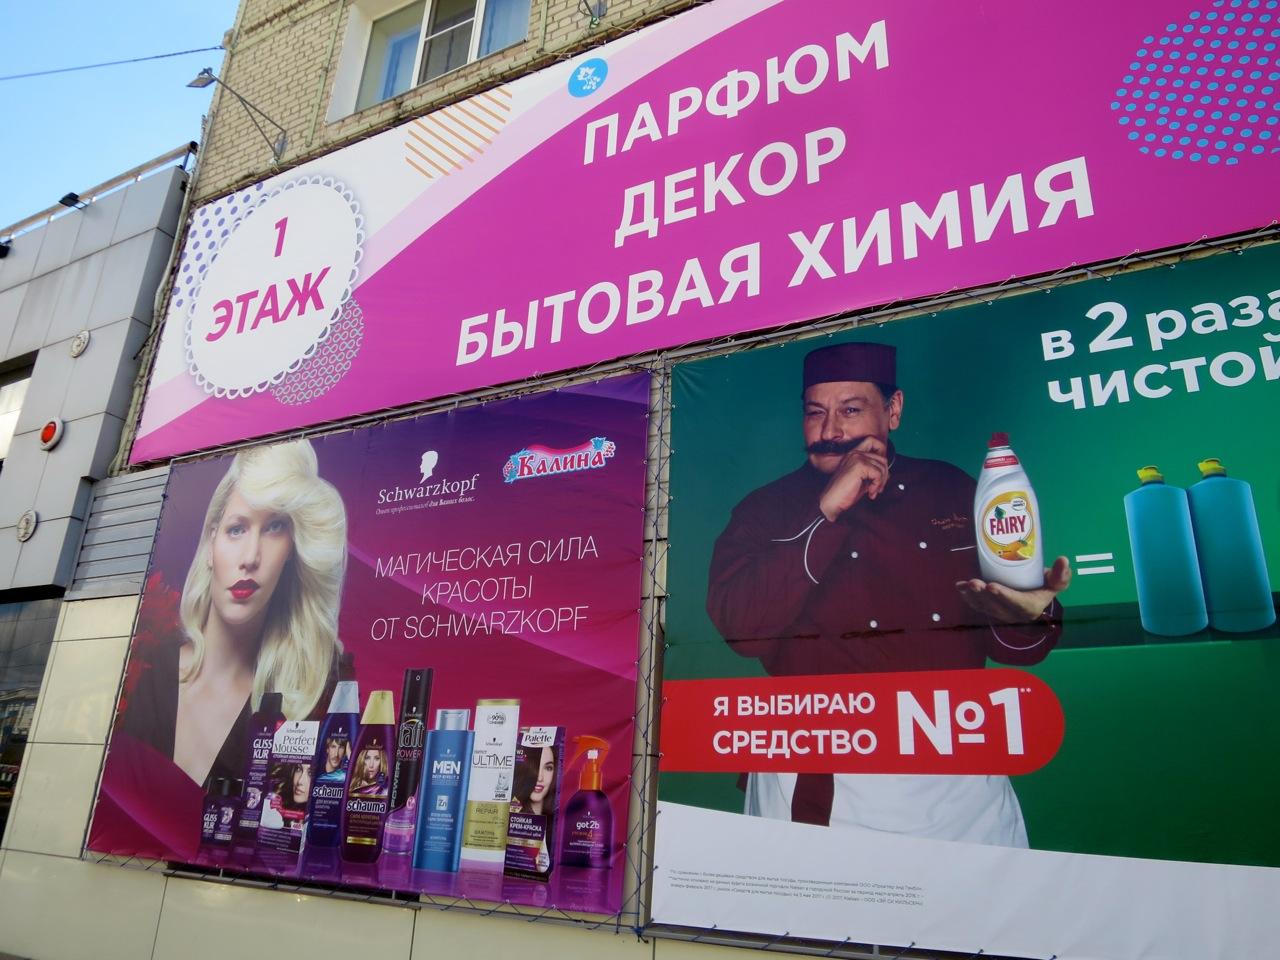 Belogorsk 1 12